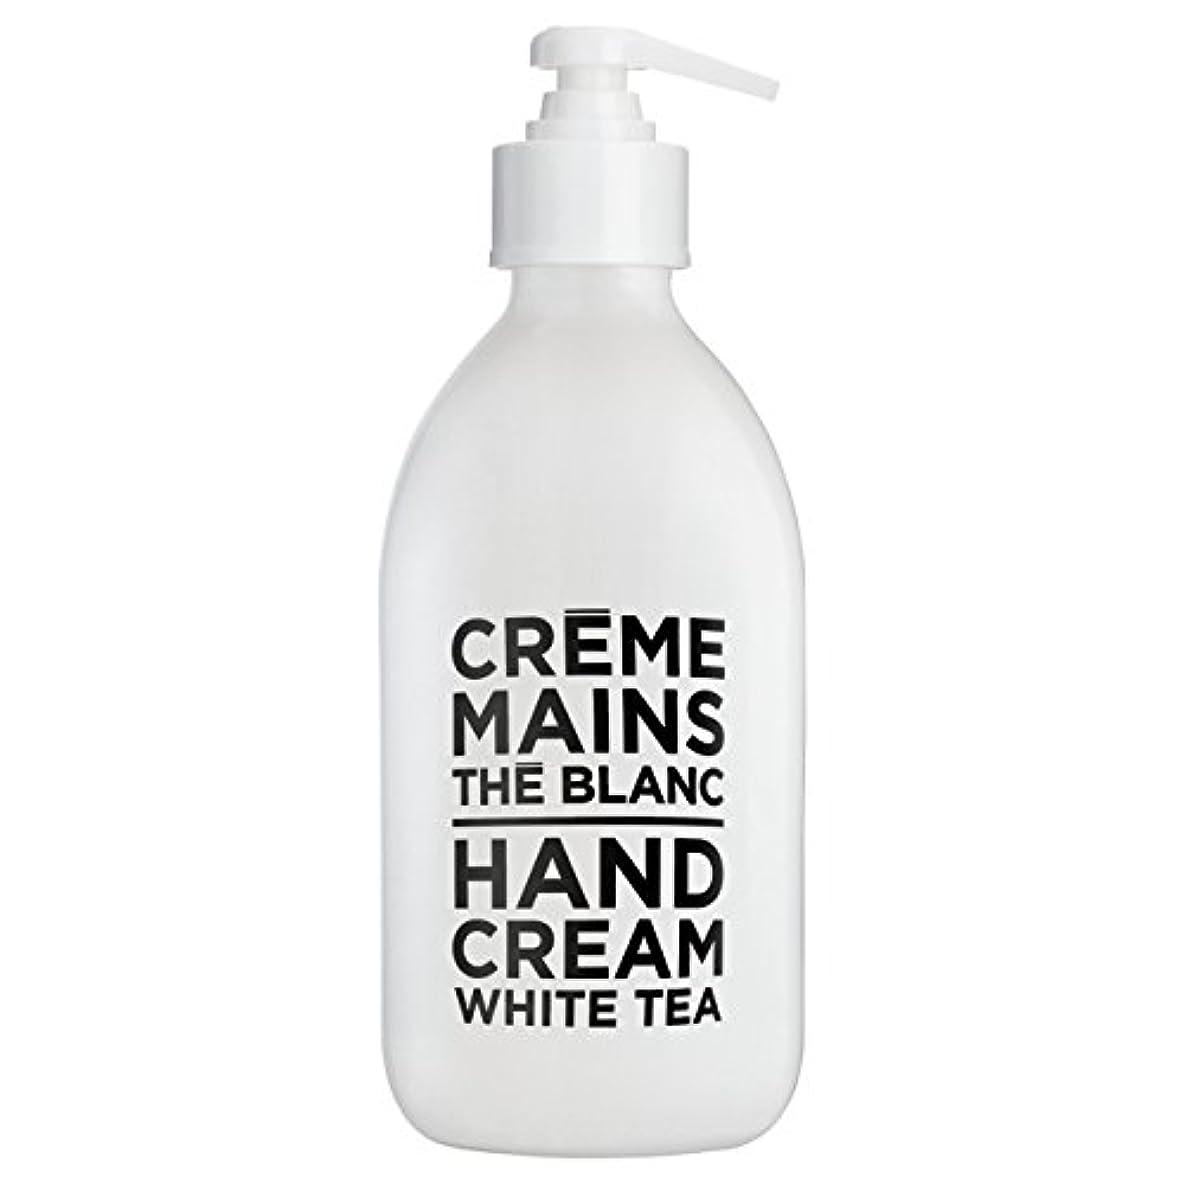 力学村倍増カンパニードプロバンス ブラック&ホワイト ハンドクリーム ホワイトティー(ホワイトティーにシトラスを添えた気品ある香り) 300ml